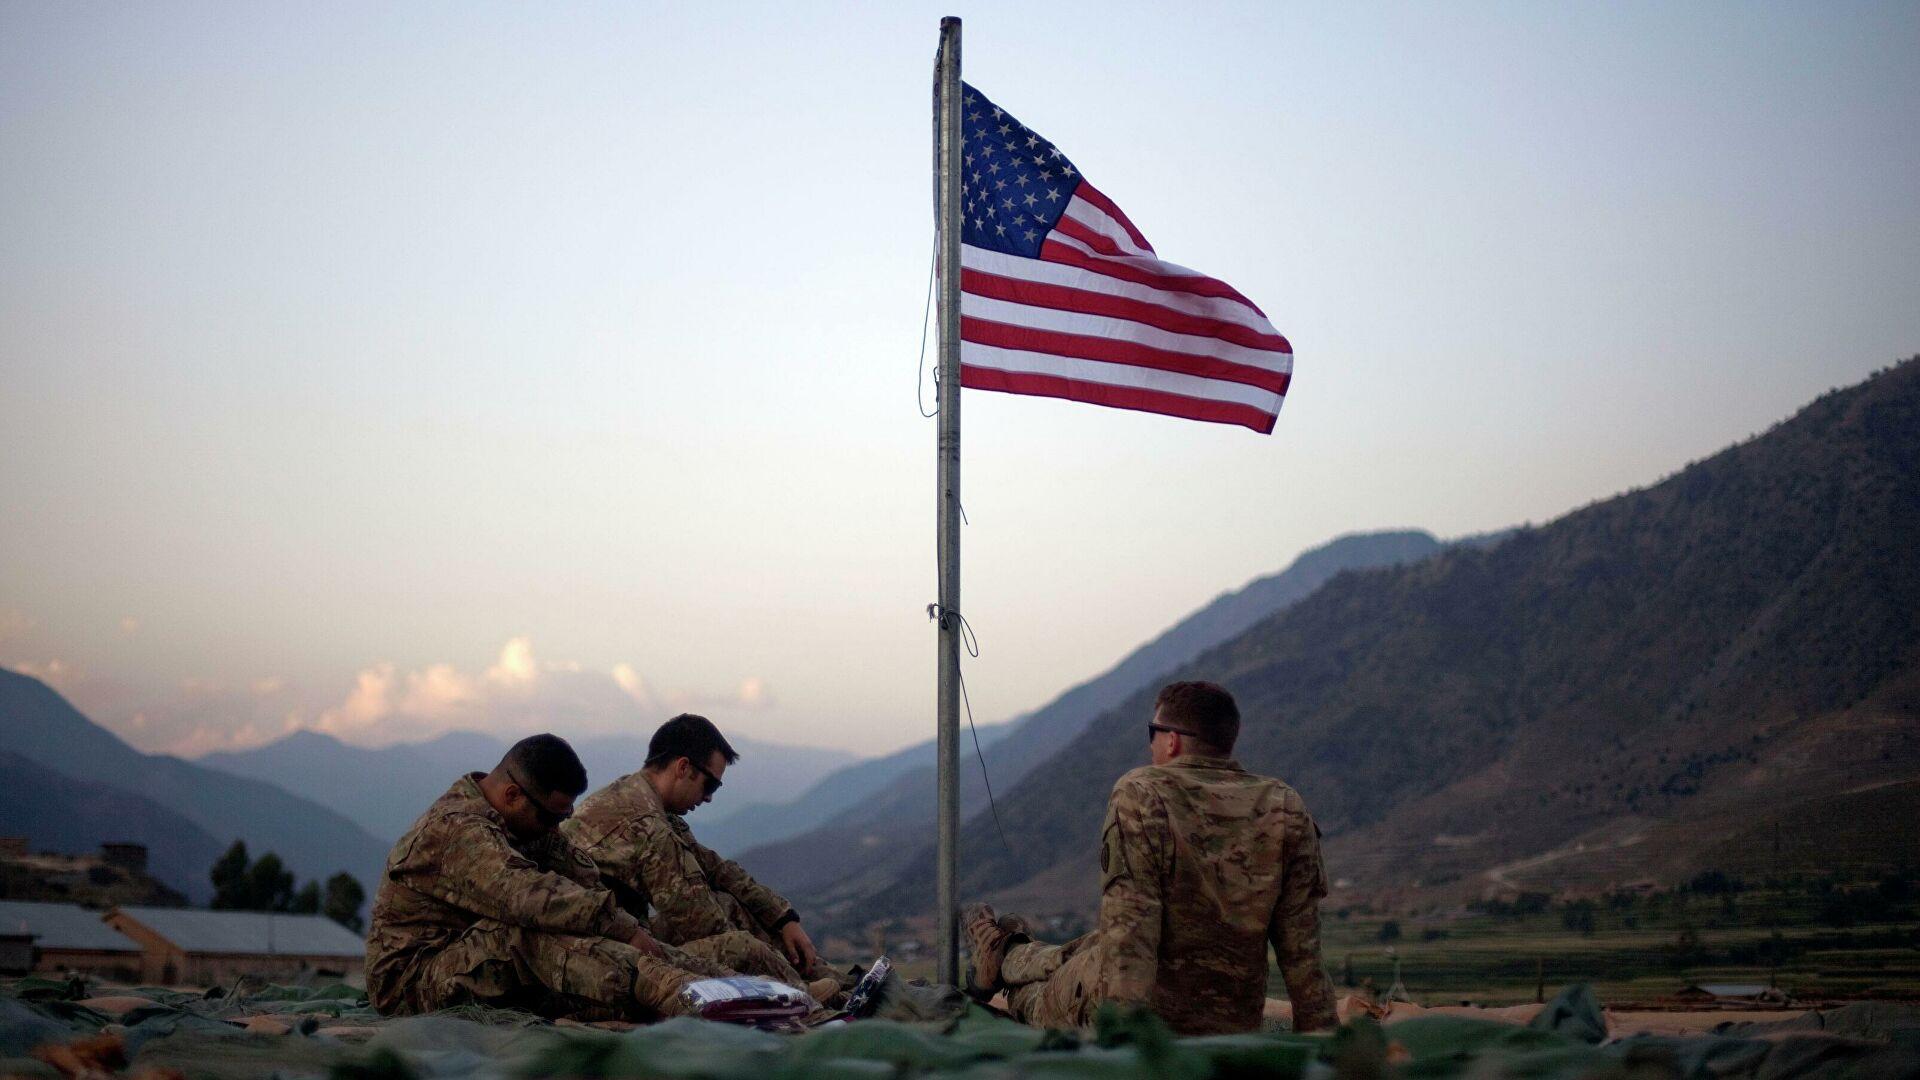 Estados Unidos: el país que crearía naciones y su enemigo íntimo